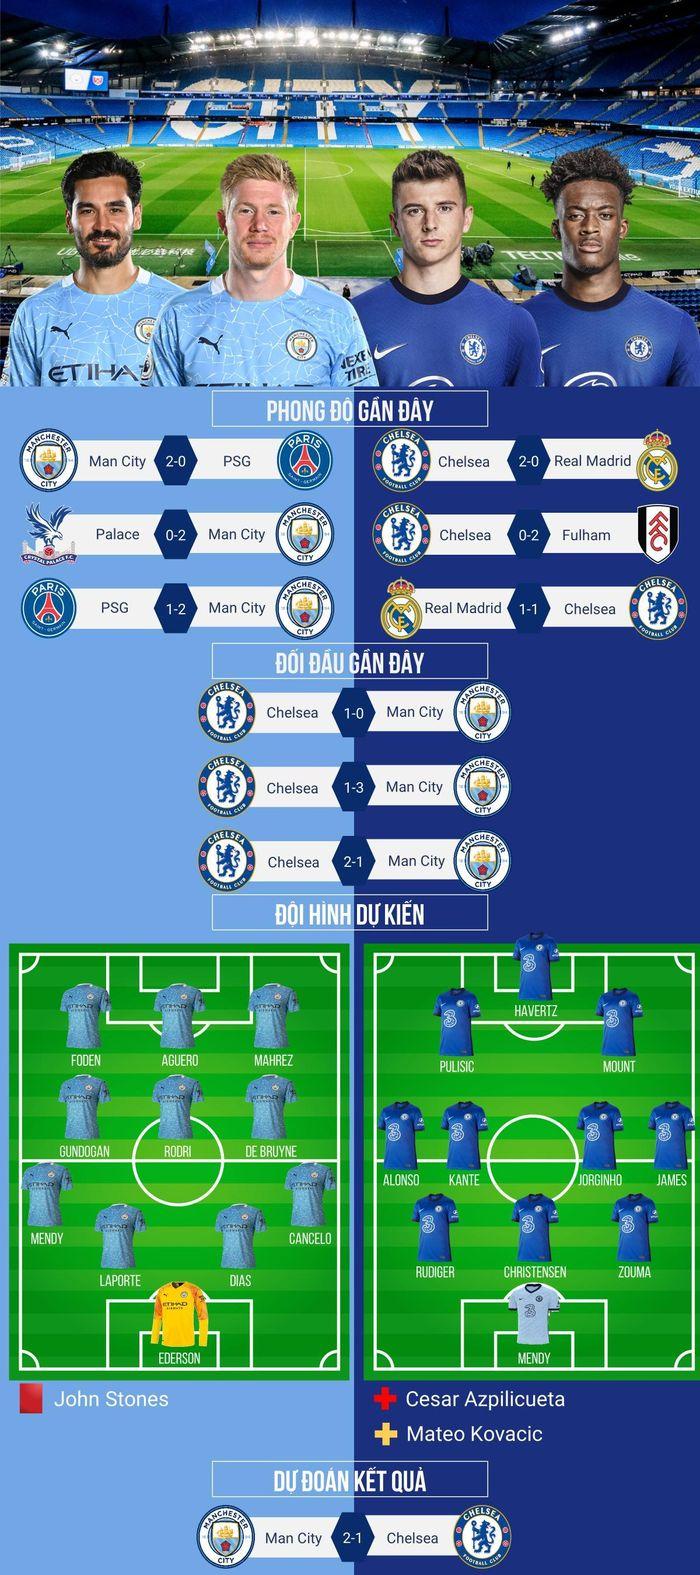 Dự đoán tỷ số, đội hình xuất phát trận Man City – Chelsea